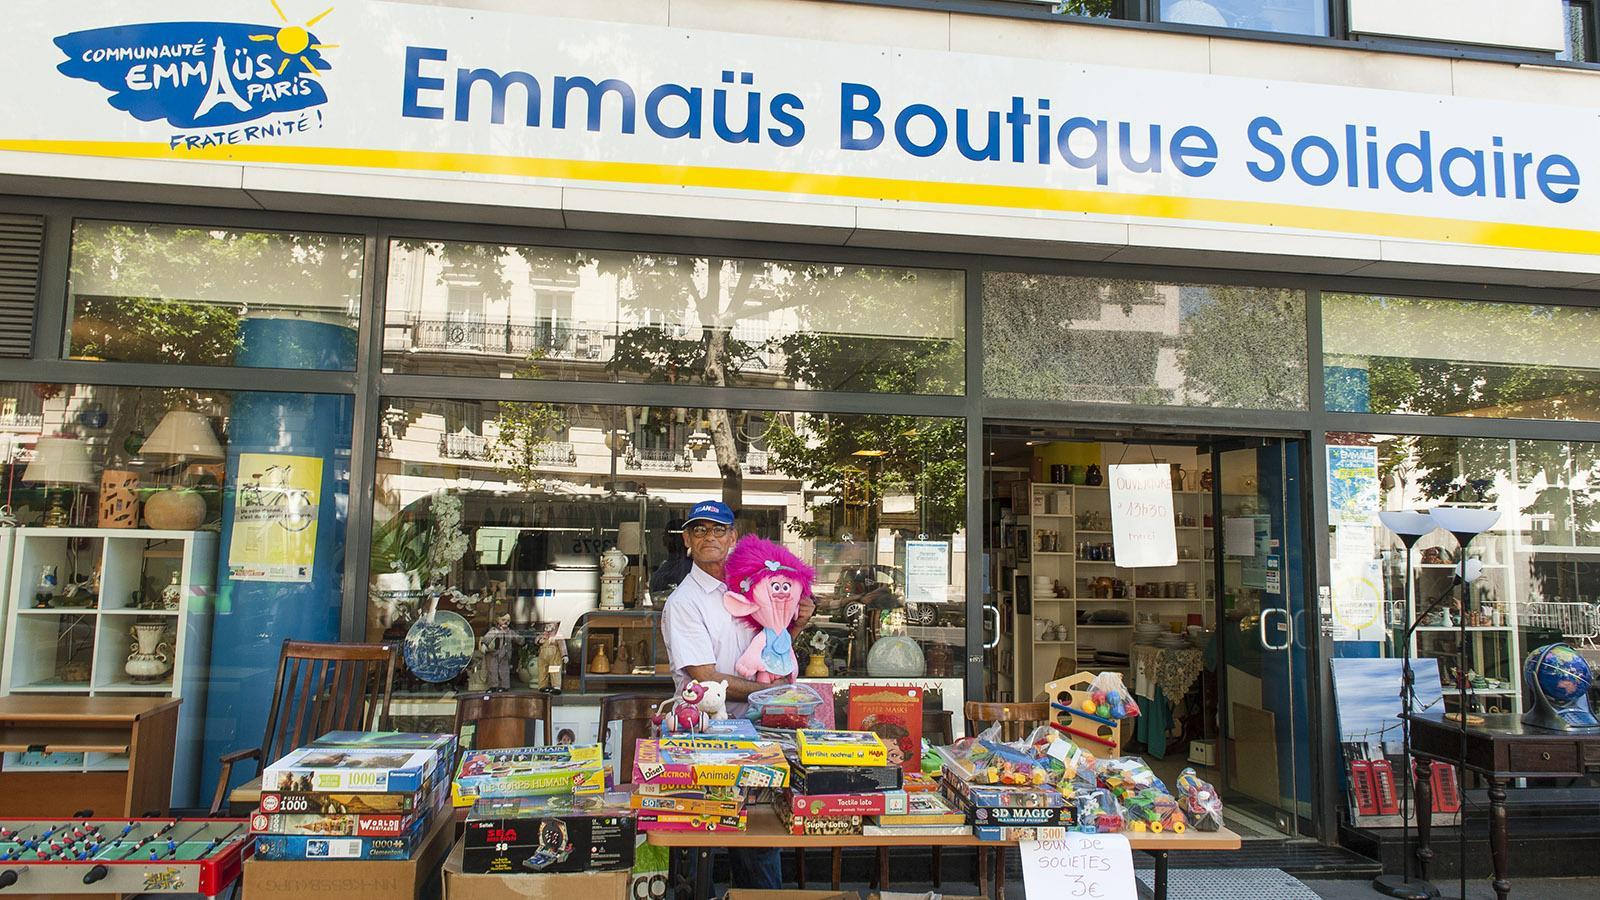 Solidarität: Emmaüs arbeitet Gebrauchtes auf und verkauft es. Foto: Hilke Maunder